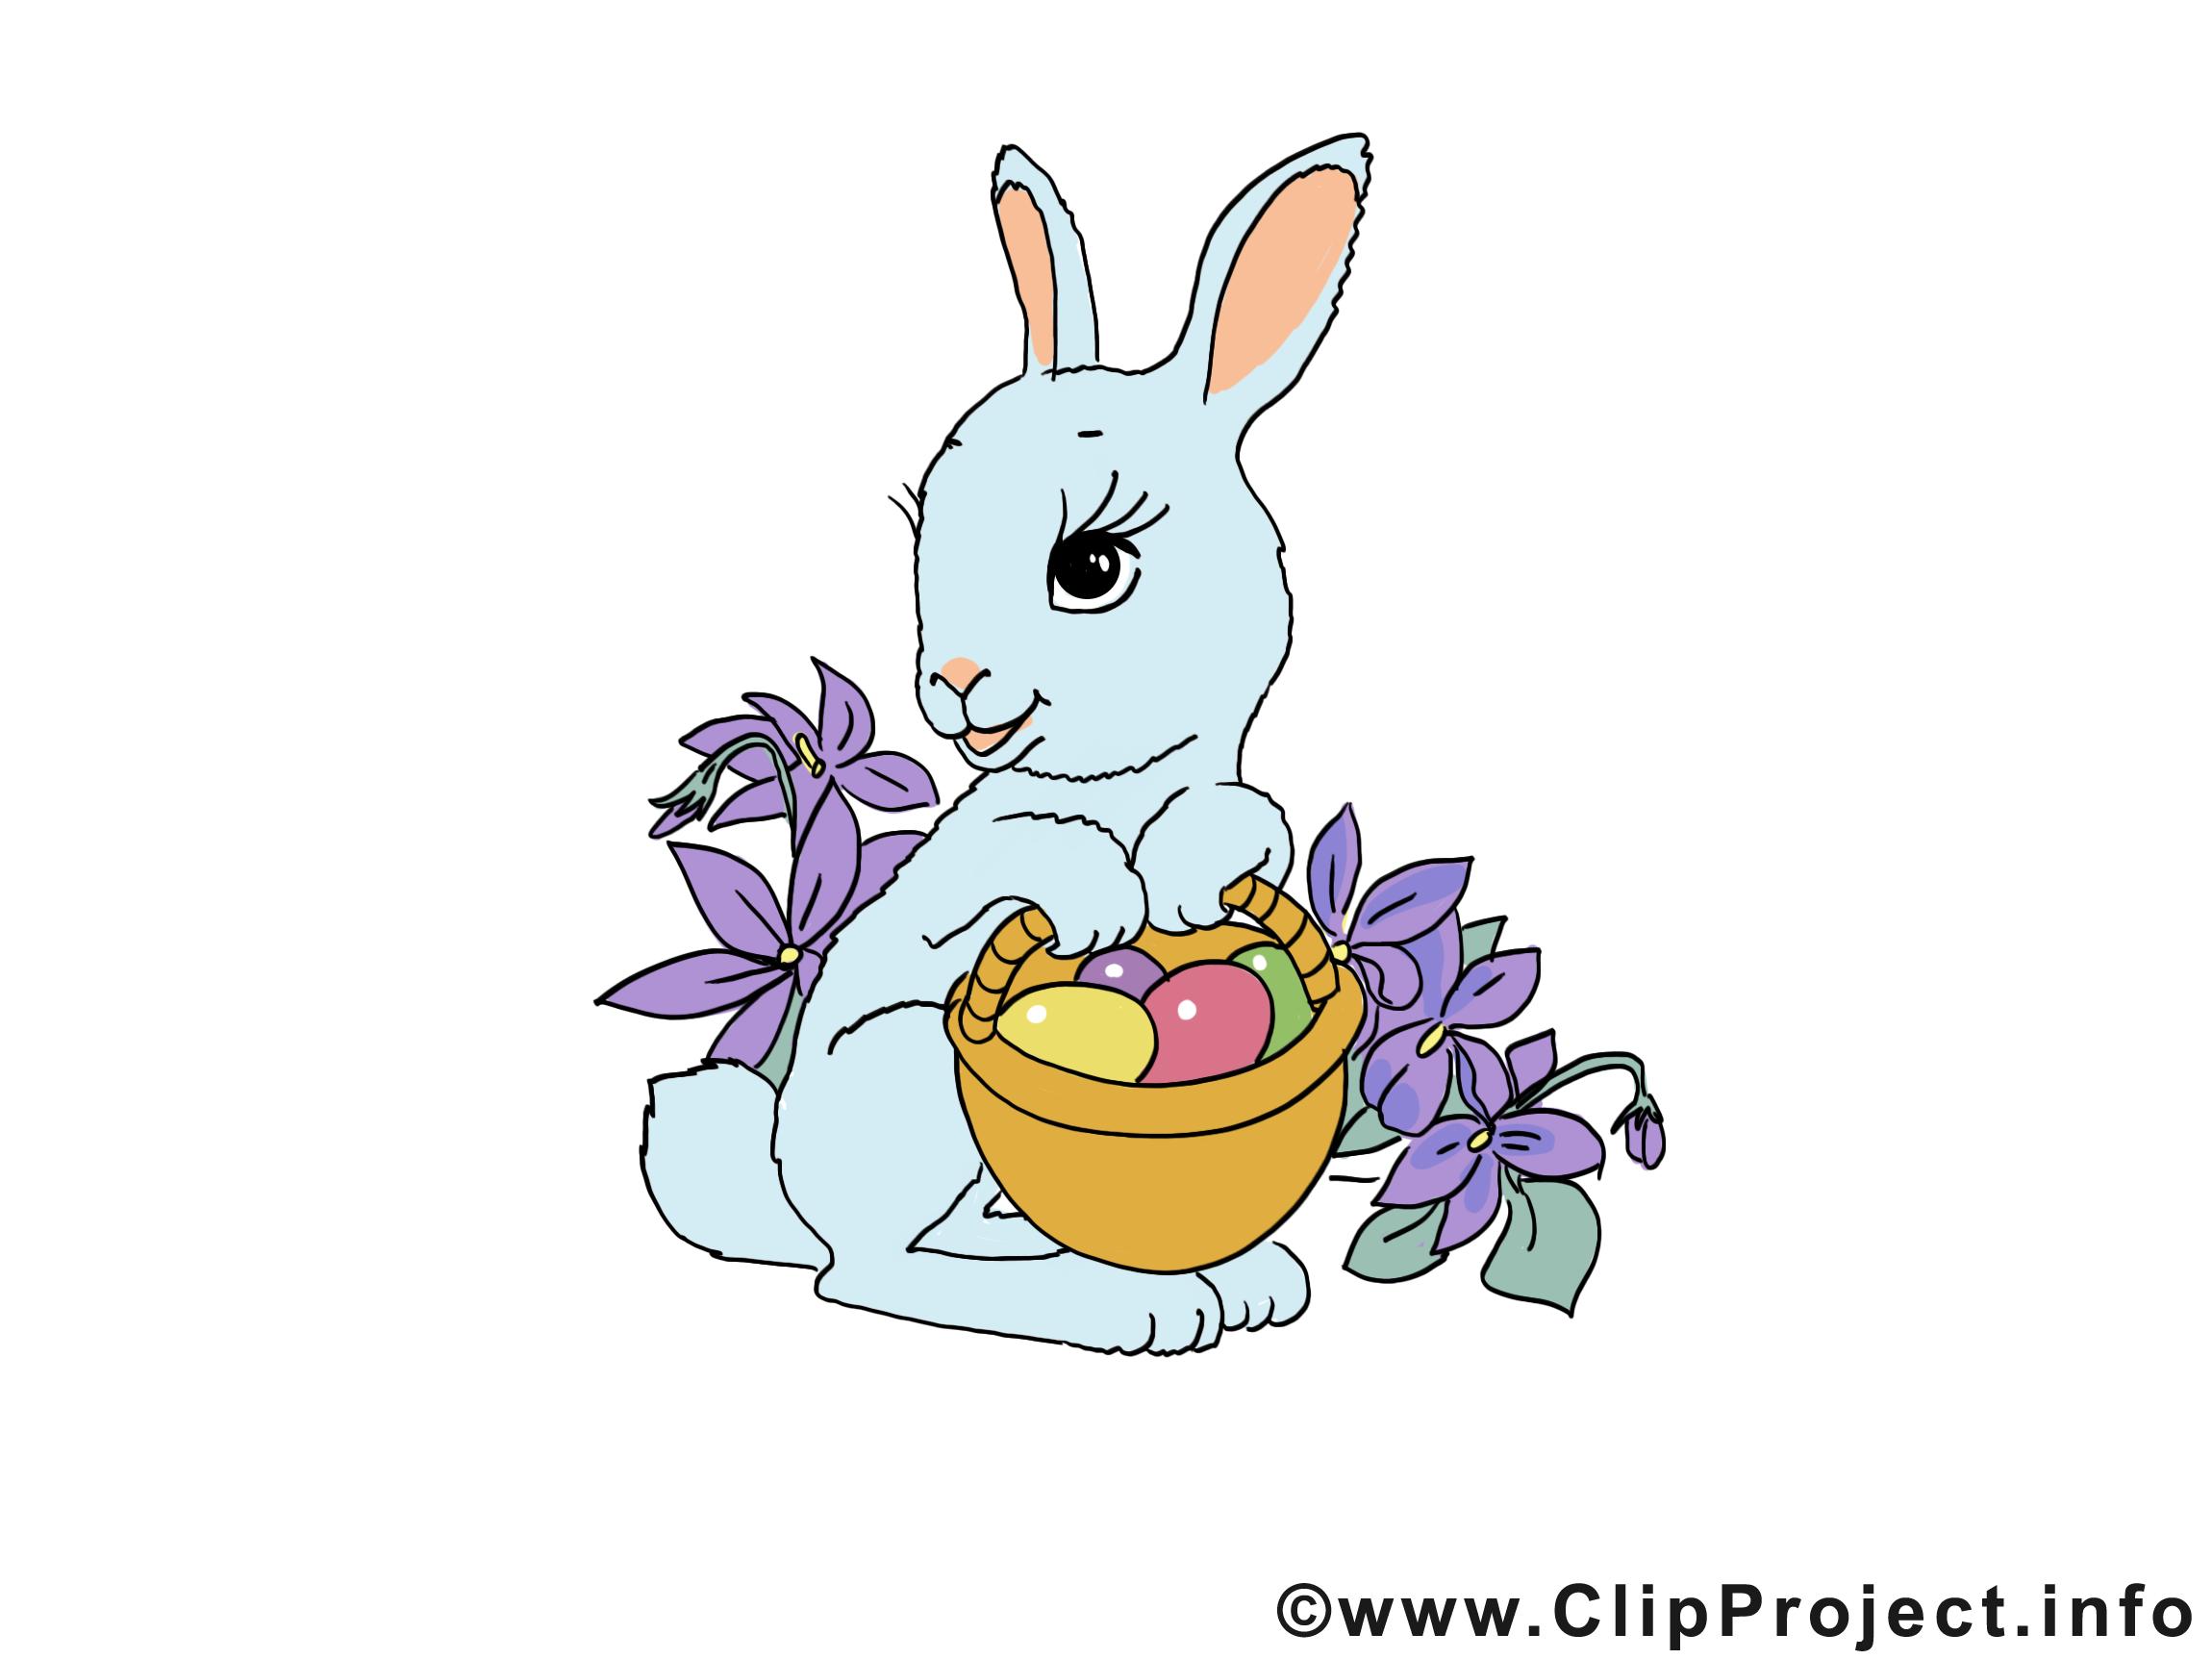 Lapin image - Pâques images cliparts